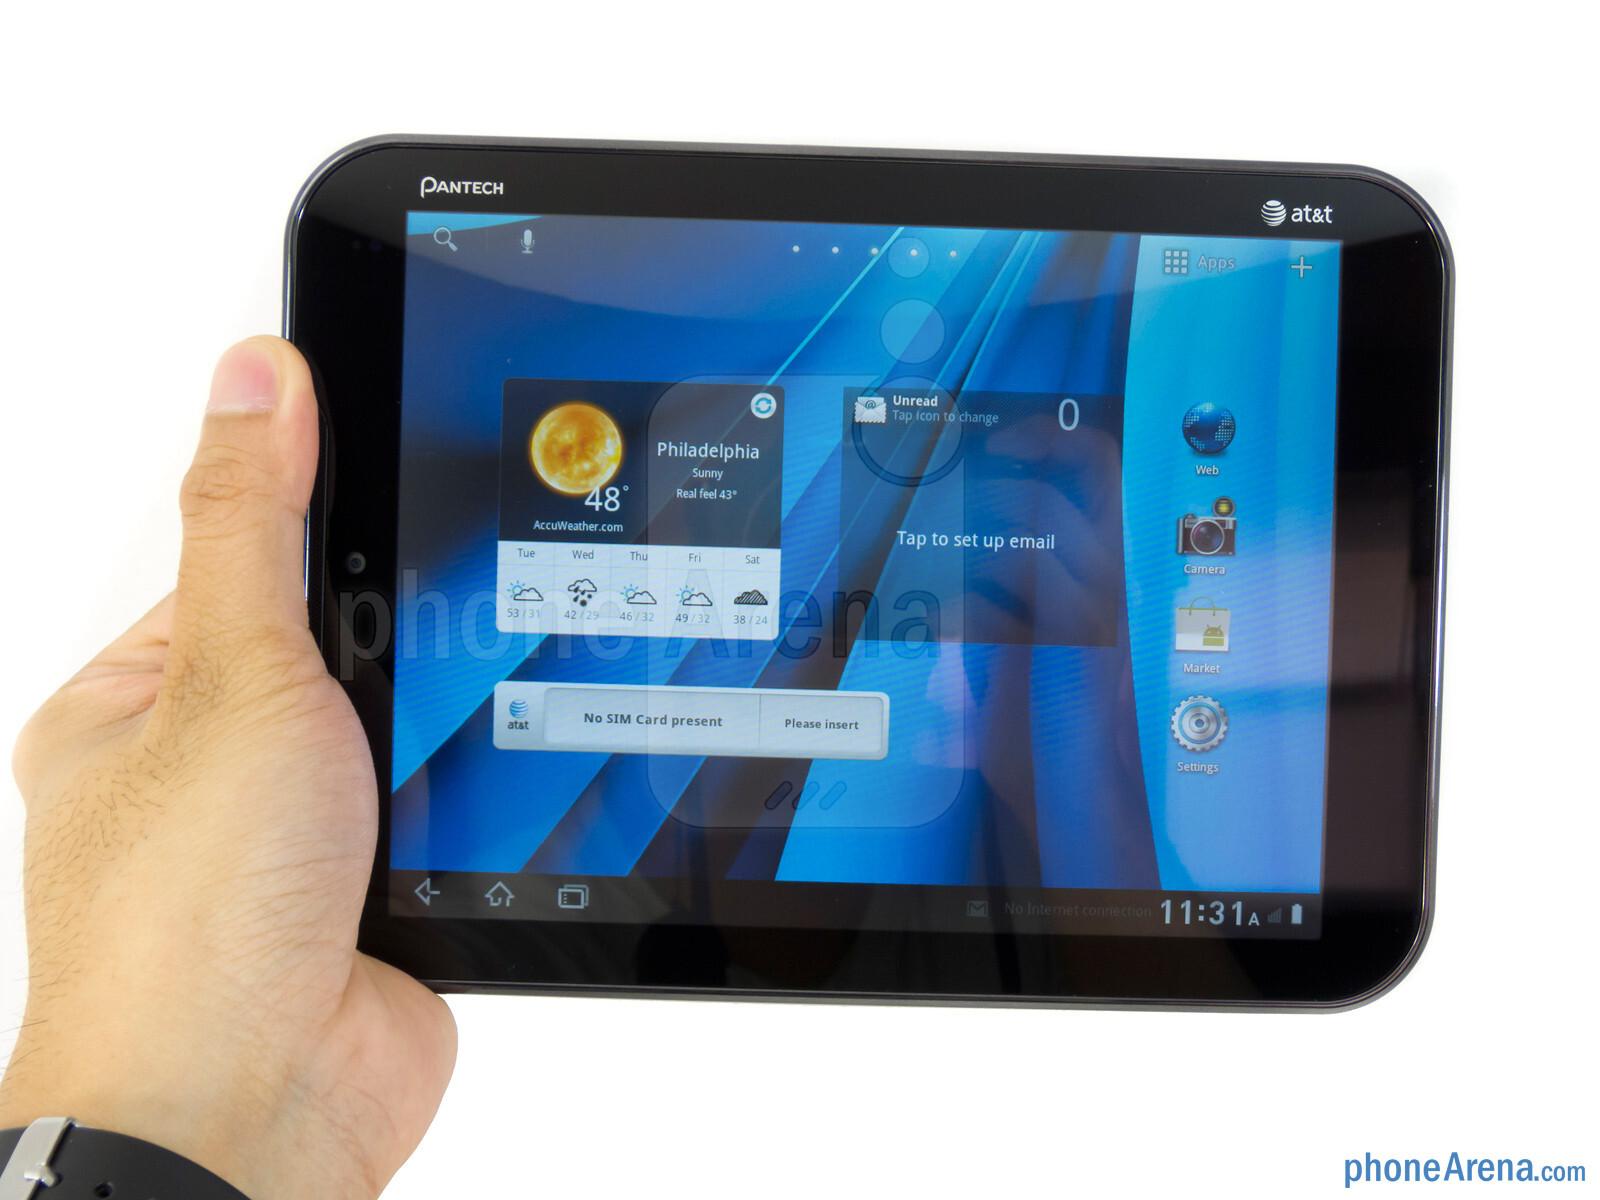 pantech element review rh phonearena com Pantech Breakout User Manual Pantech Ease User Manual